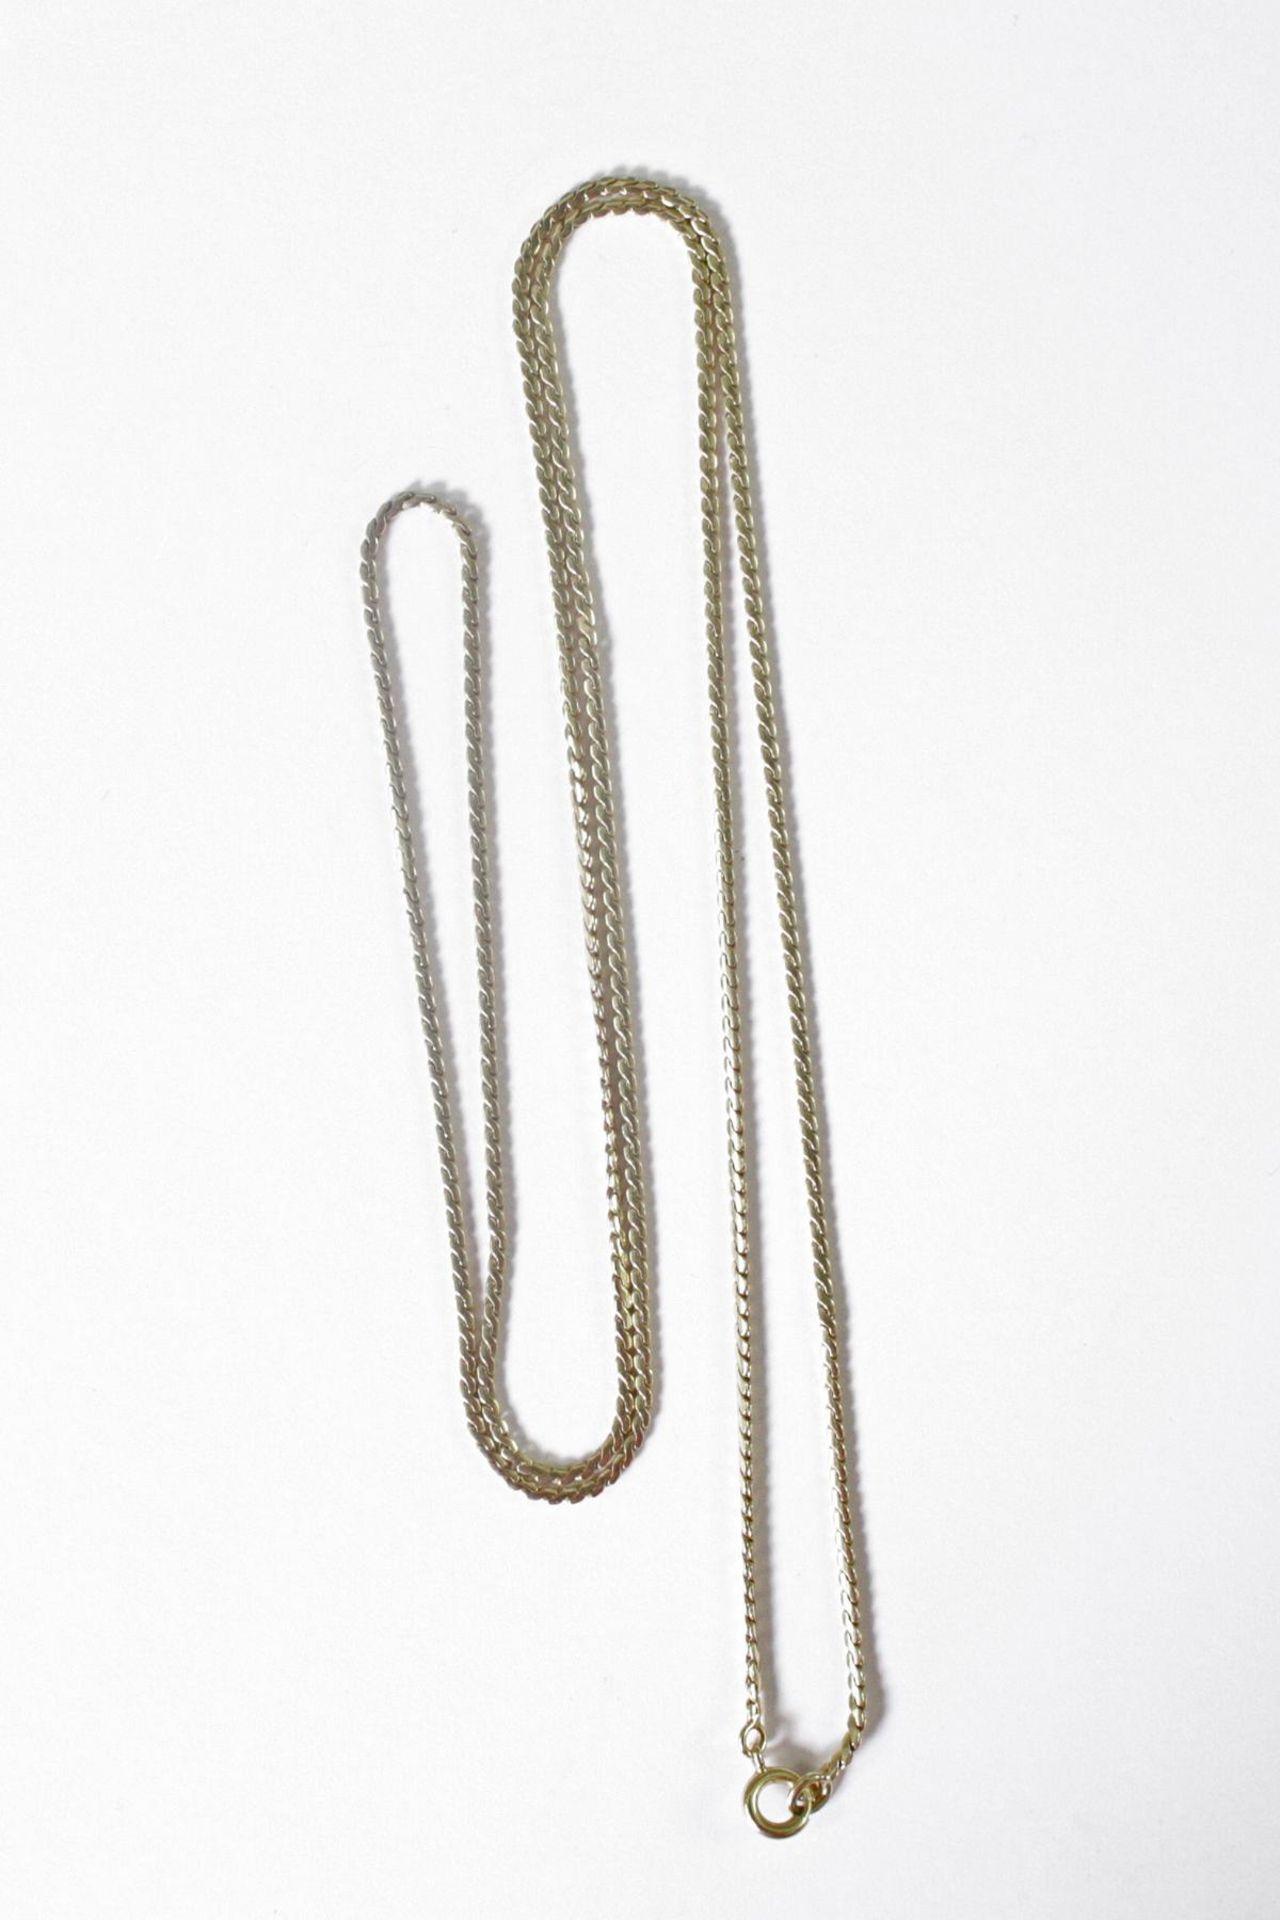 Halskette 14 Karat Gelbgold - Bild 2 aus 2